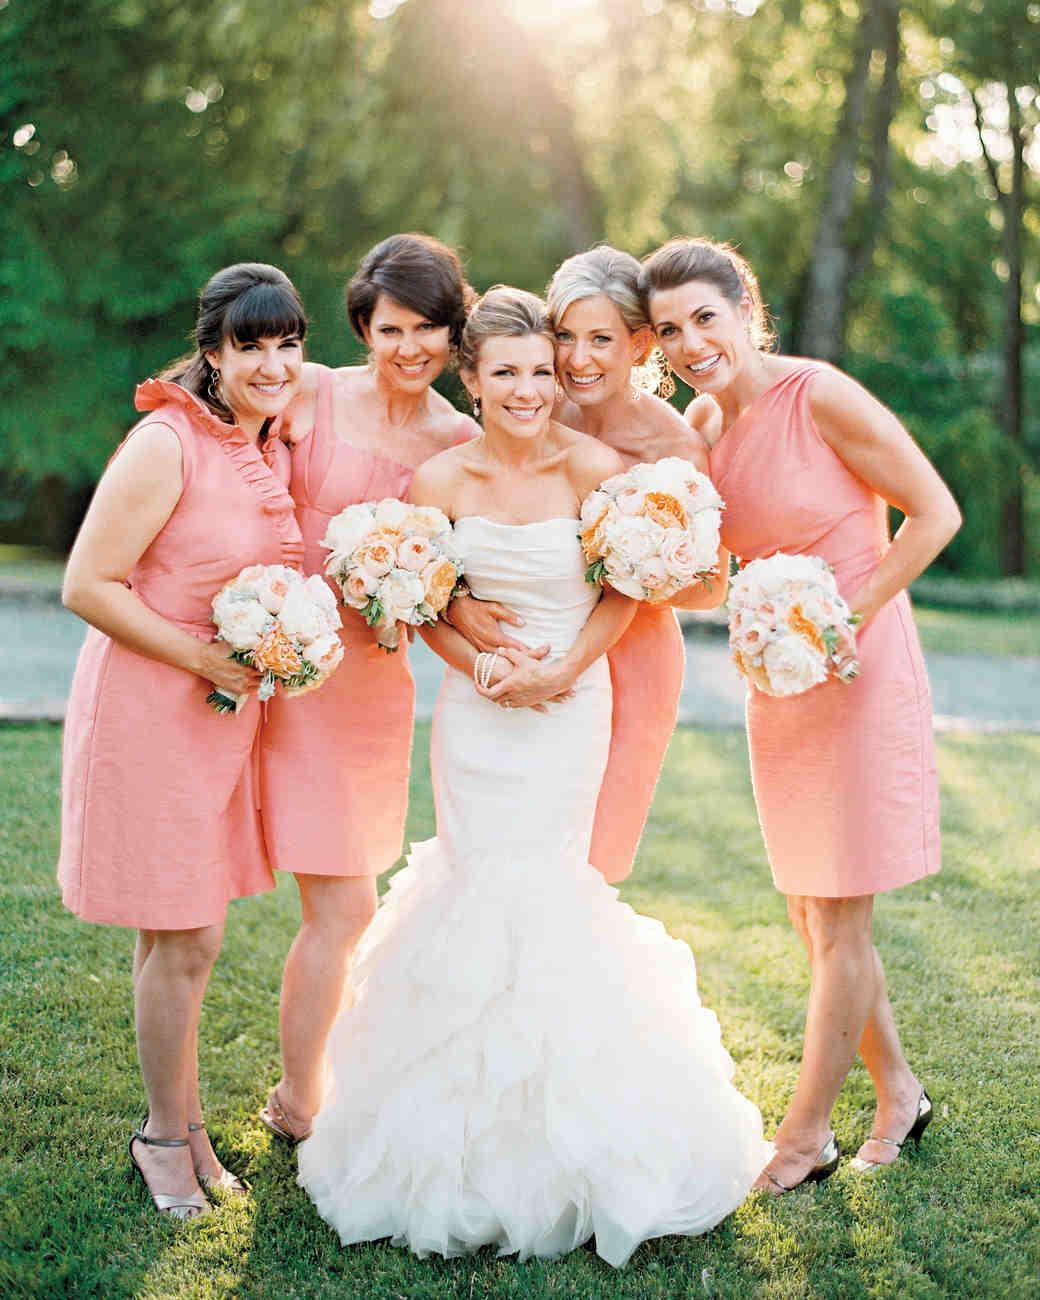 9 Bridesmaid Dos And Don'ts